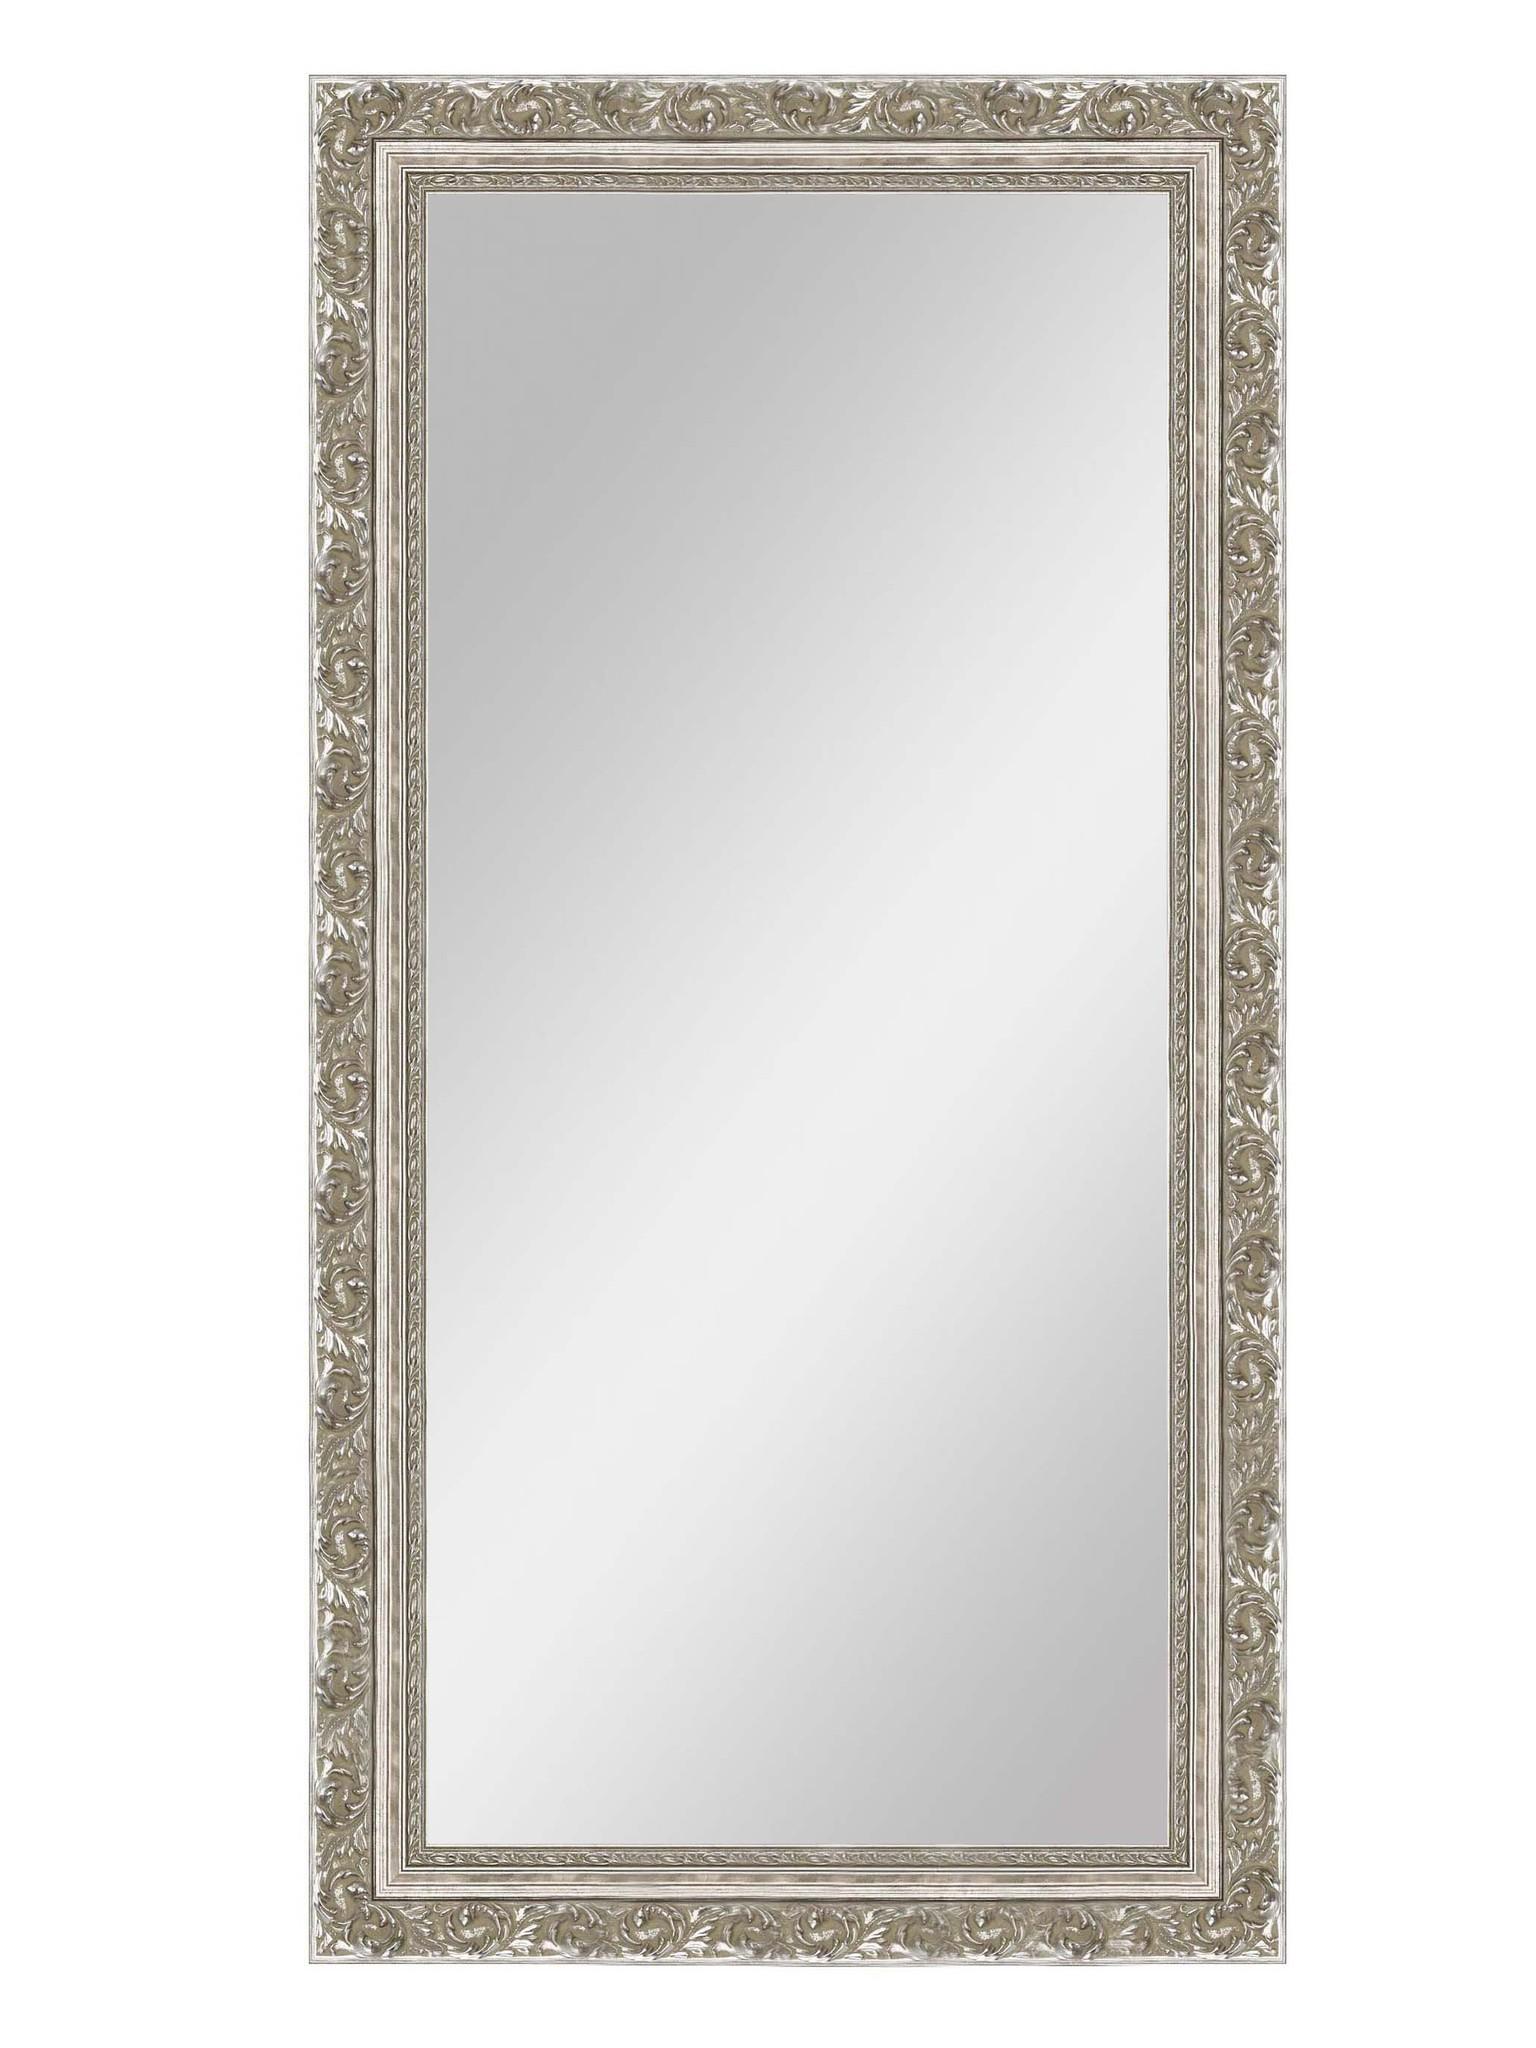 Купить Зеркало напольное Живая классика серебро , inmyroom, Россия